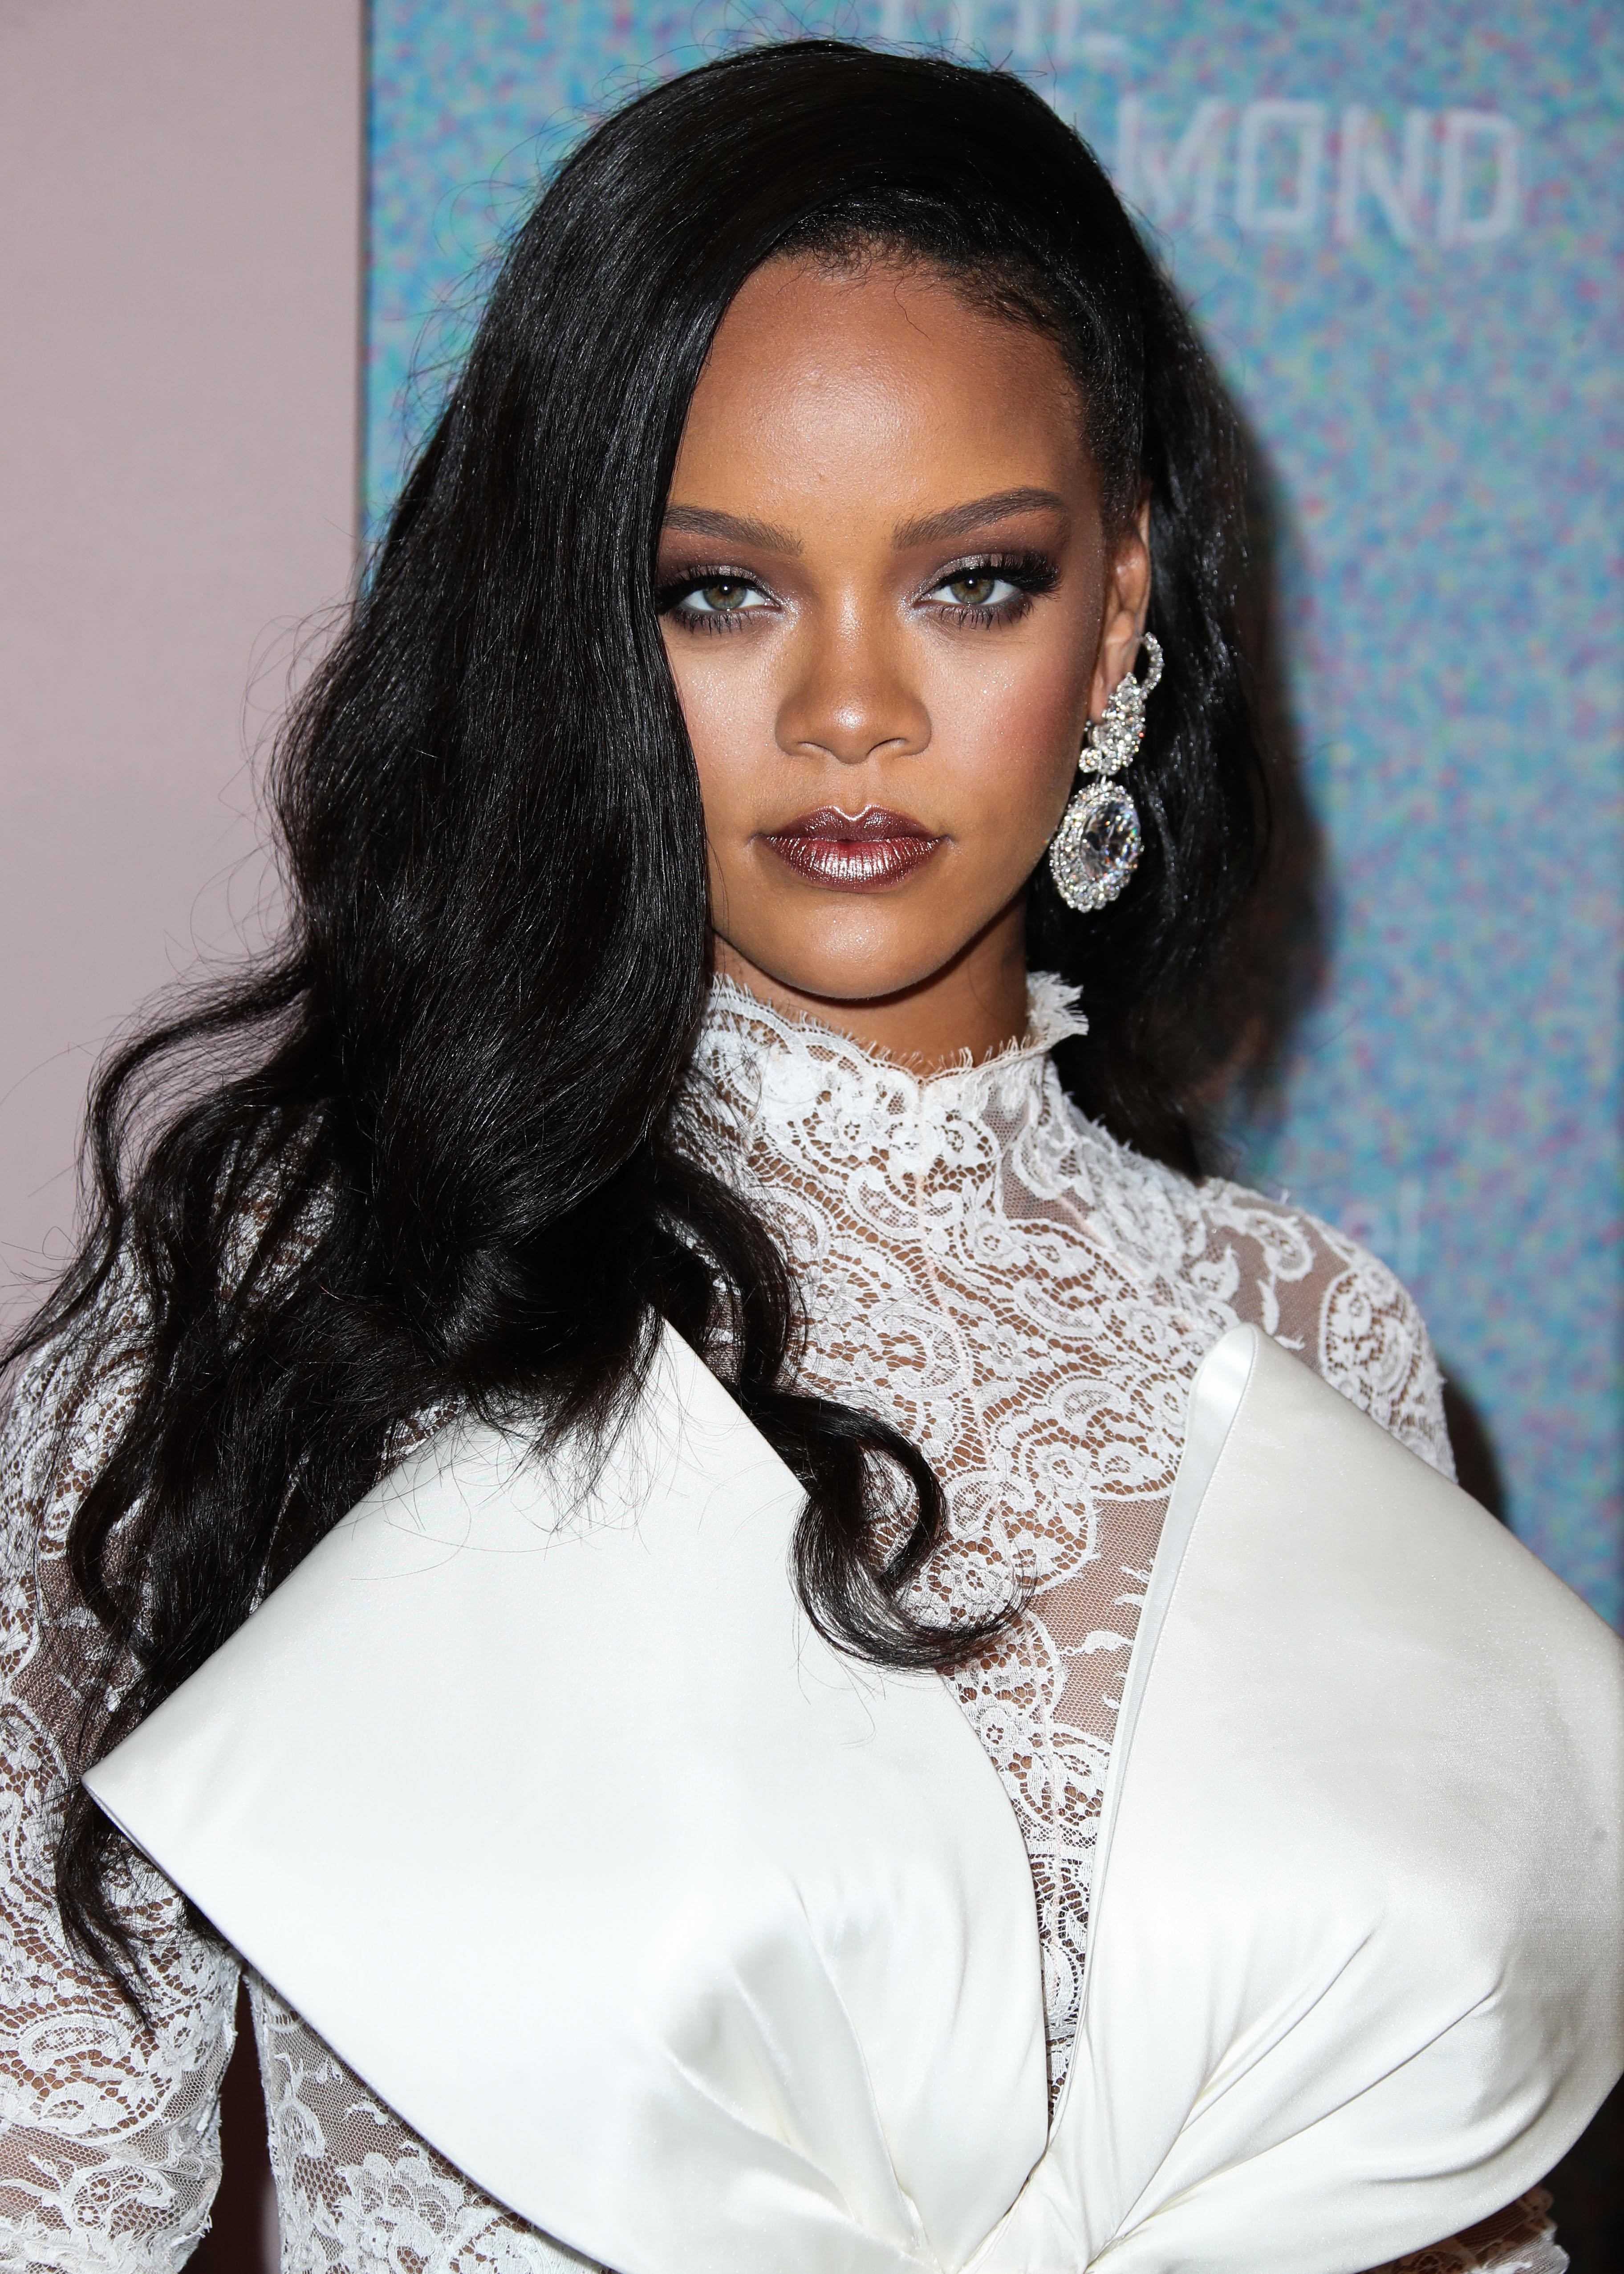 Σε αυτό το άρθρο θα βρεις συγκεντρωμένα όλα τα video tutorial της Rihanna! | tlife.gr